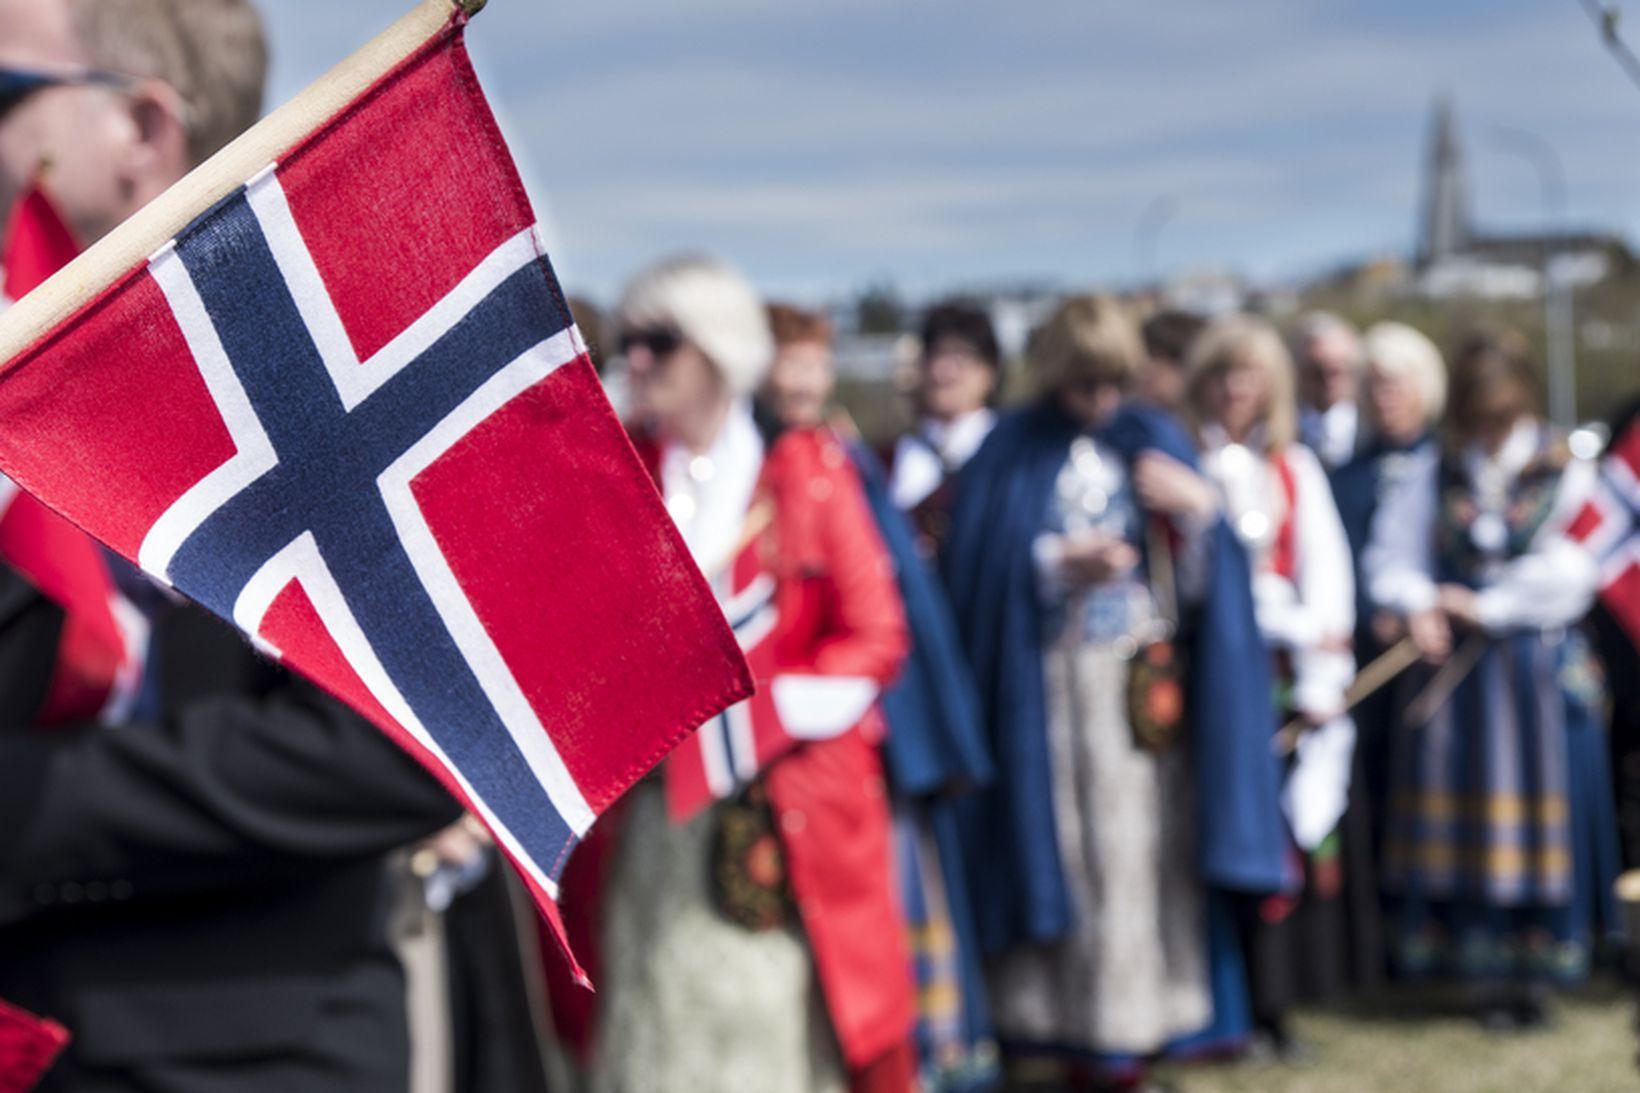 Ísland gæti lent á rauðum lista norskra stjórnvalda fyrr en …